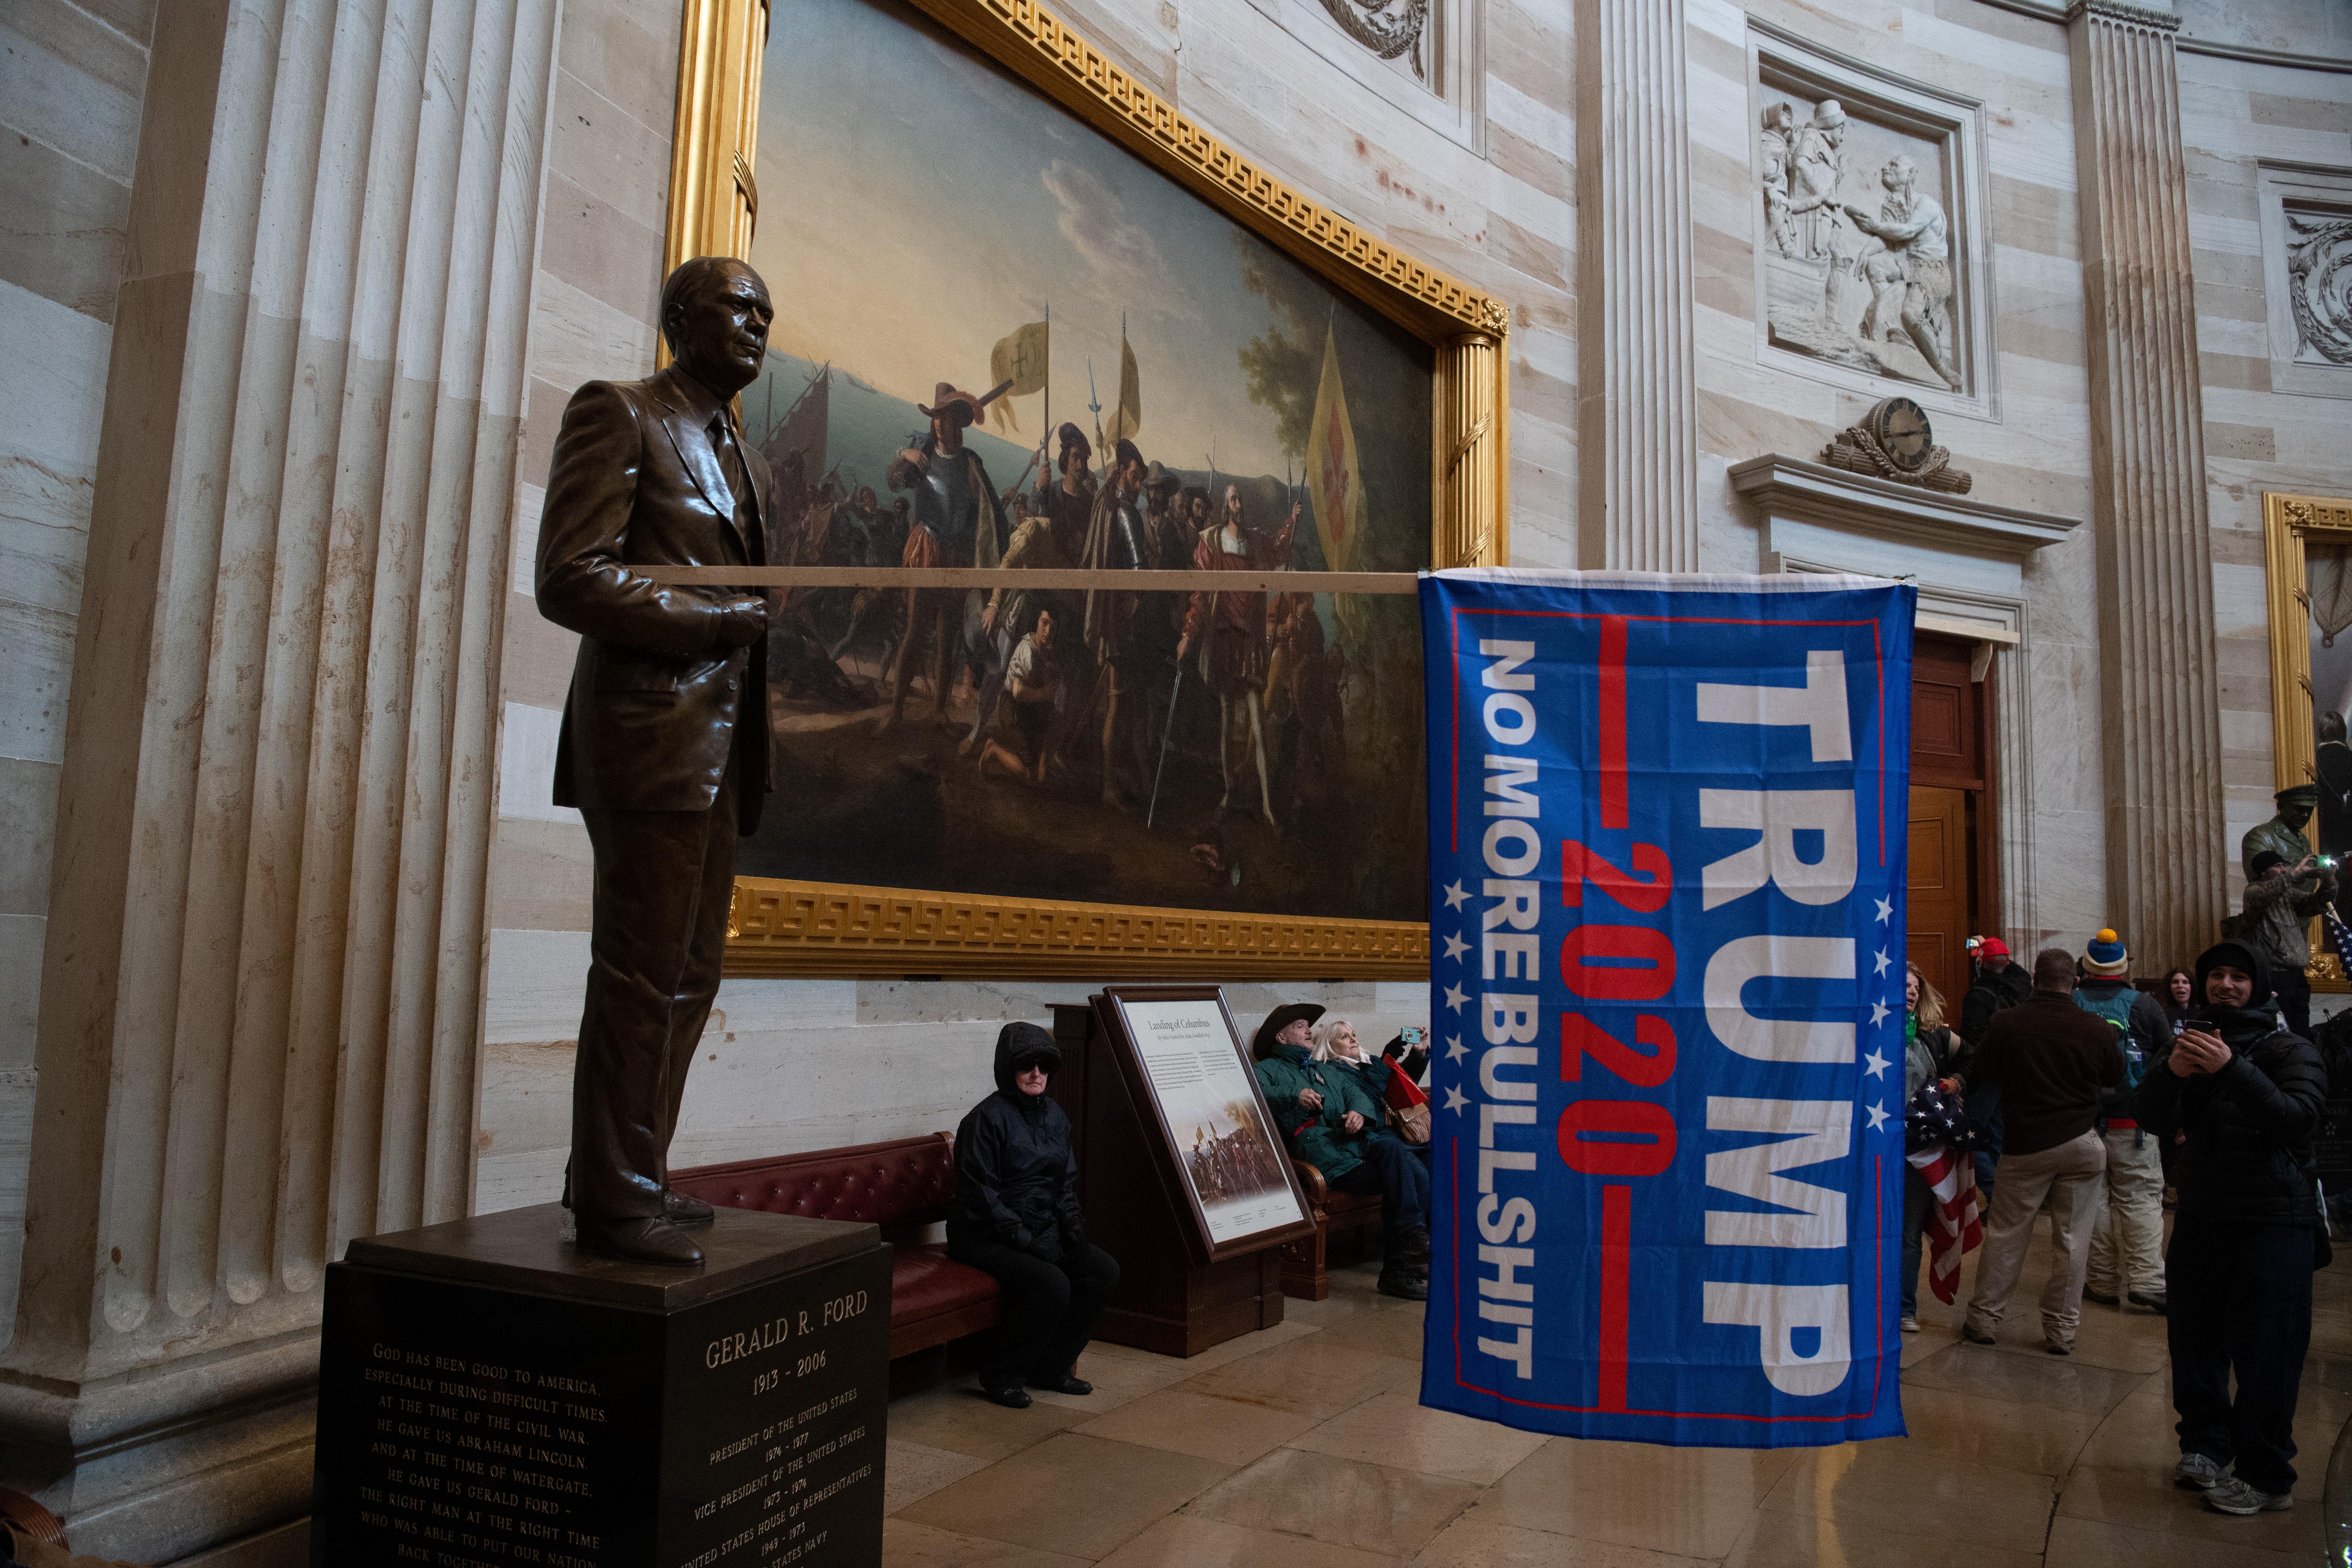 Estatátua adornada com bandeira de Donald Trump durante invasão ao Capitólio, quadro ao fundo em exposição na Rotunda